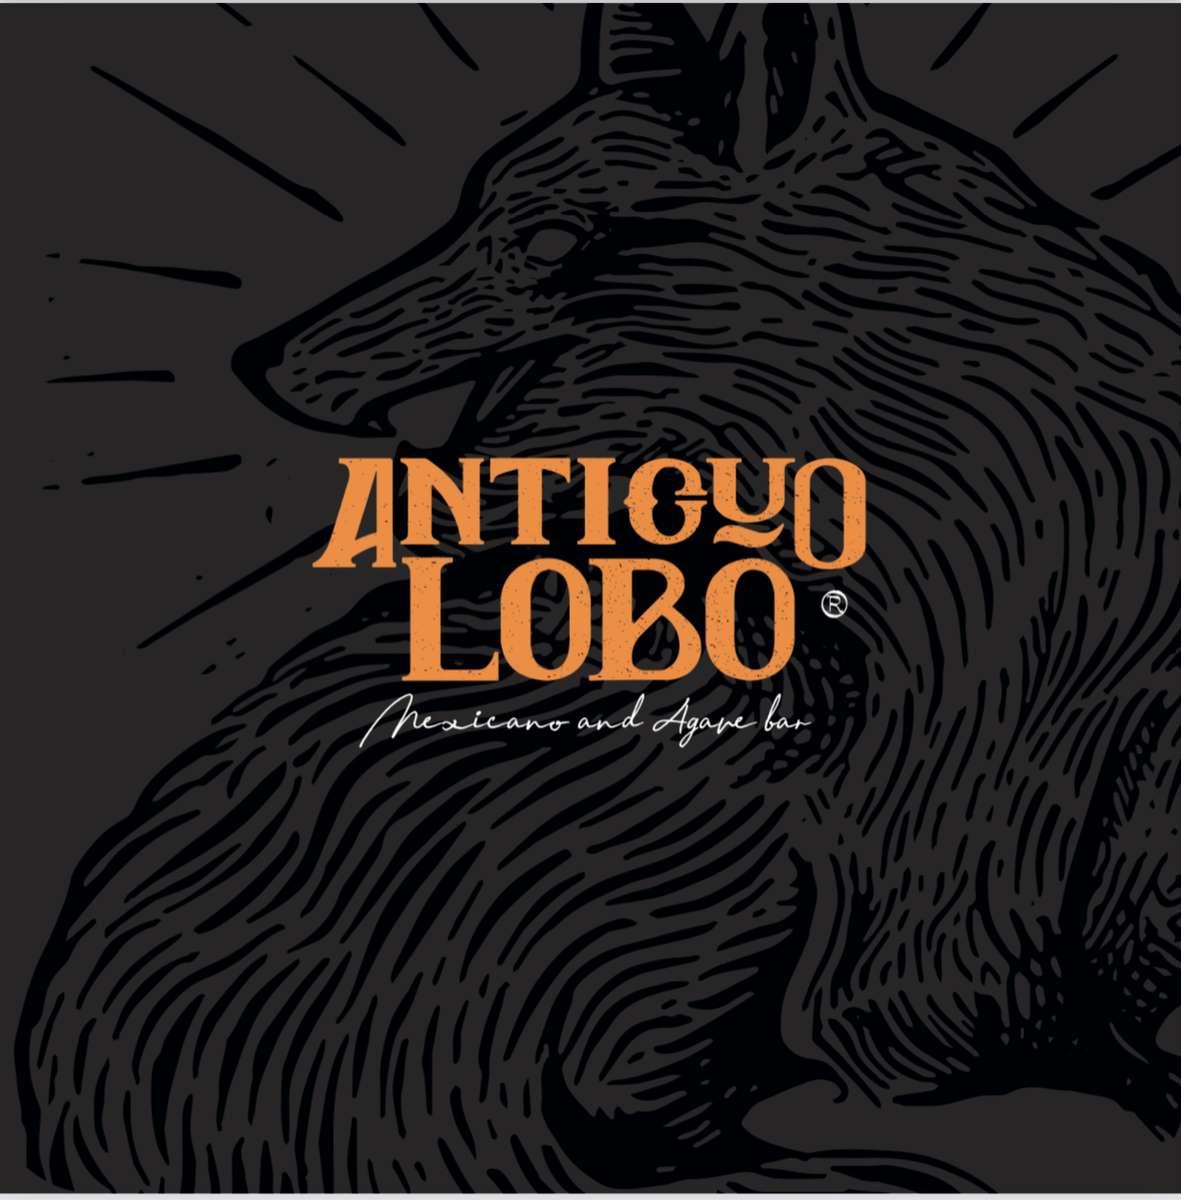 Black lobo logo